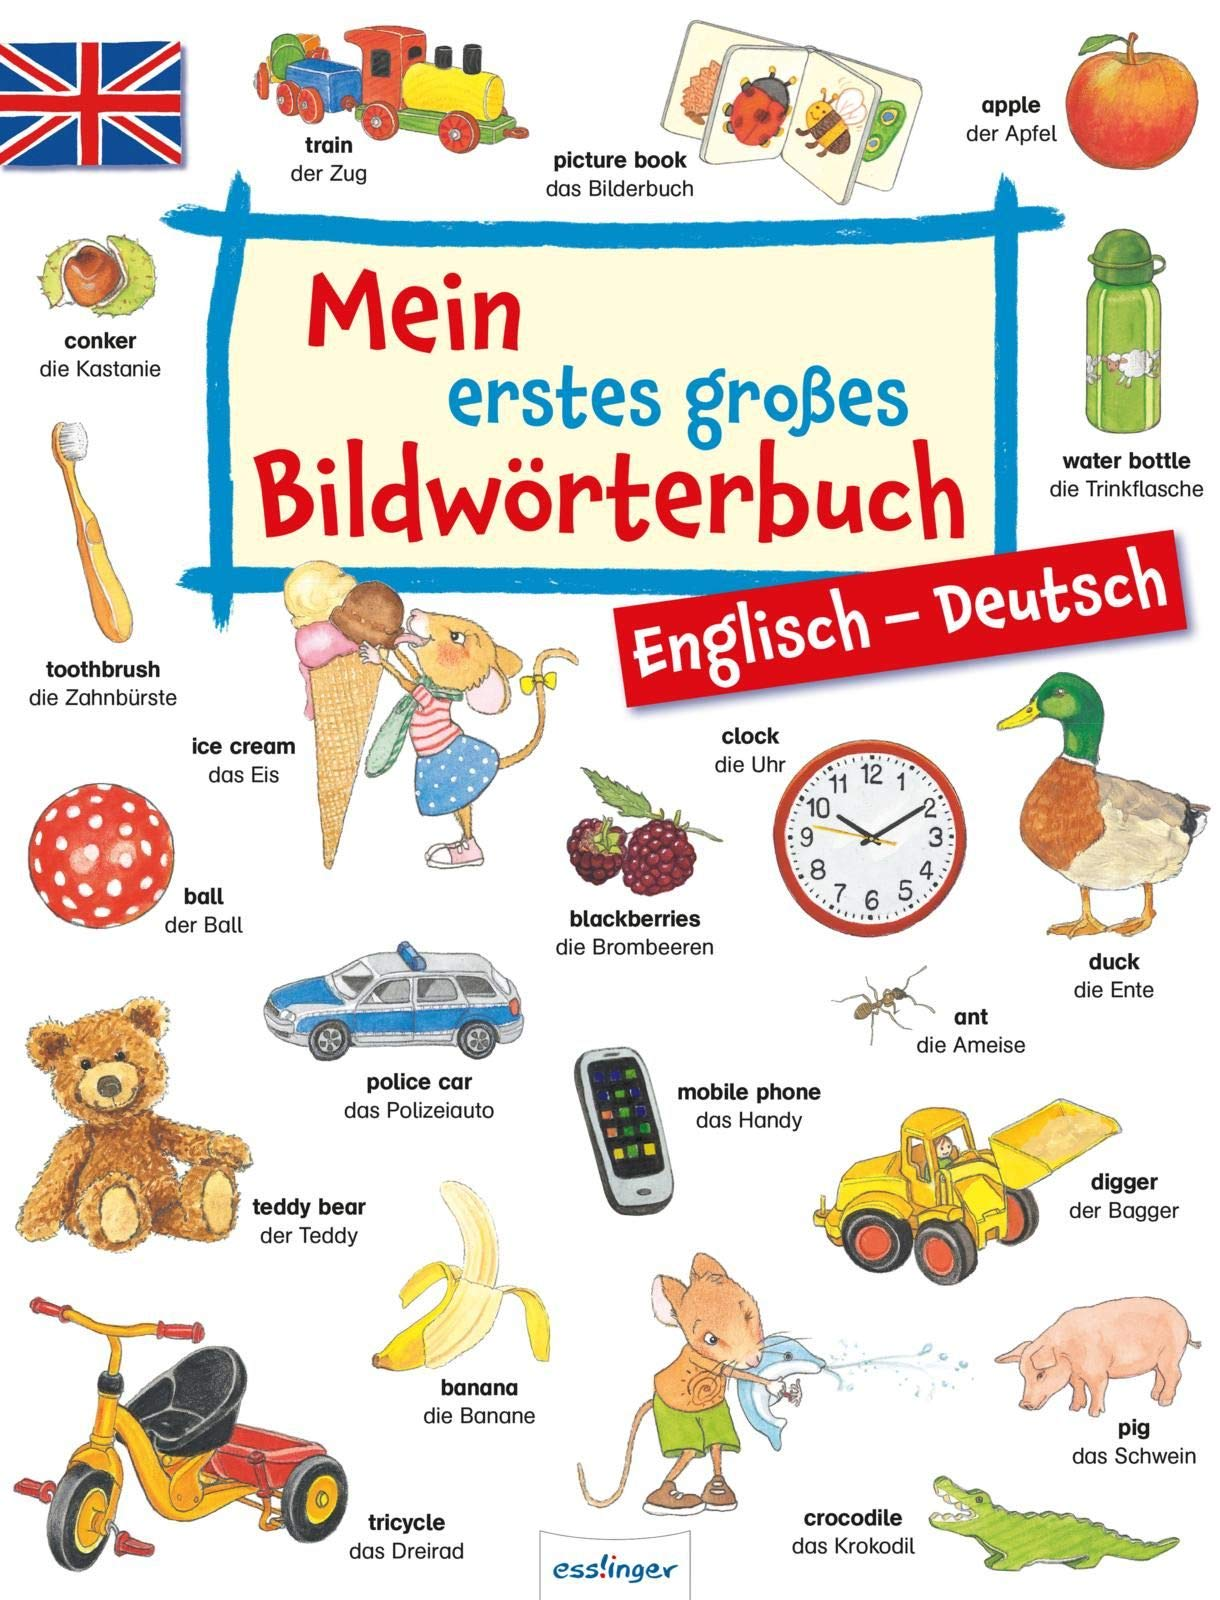 Mein erstes großes Bildwörterbuch - Englisch/Deutsch